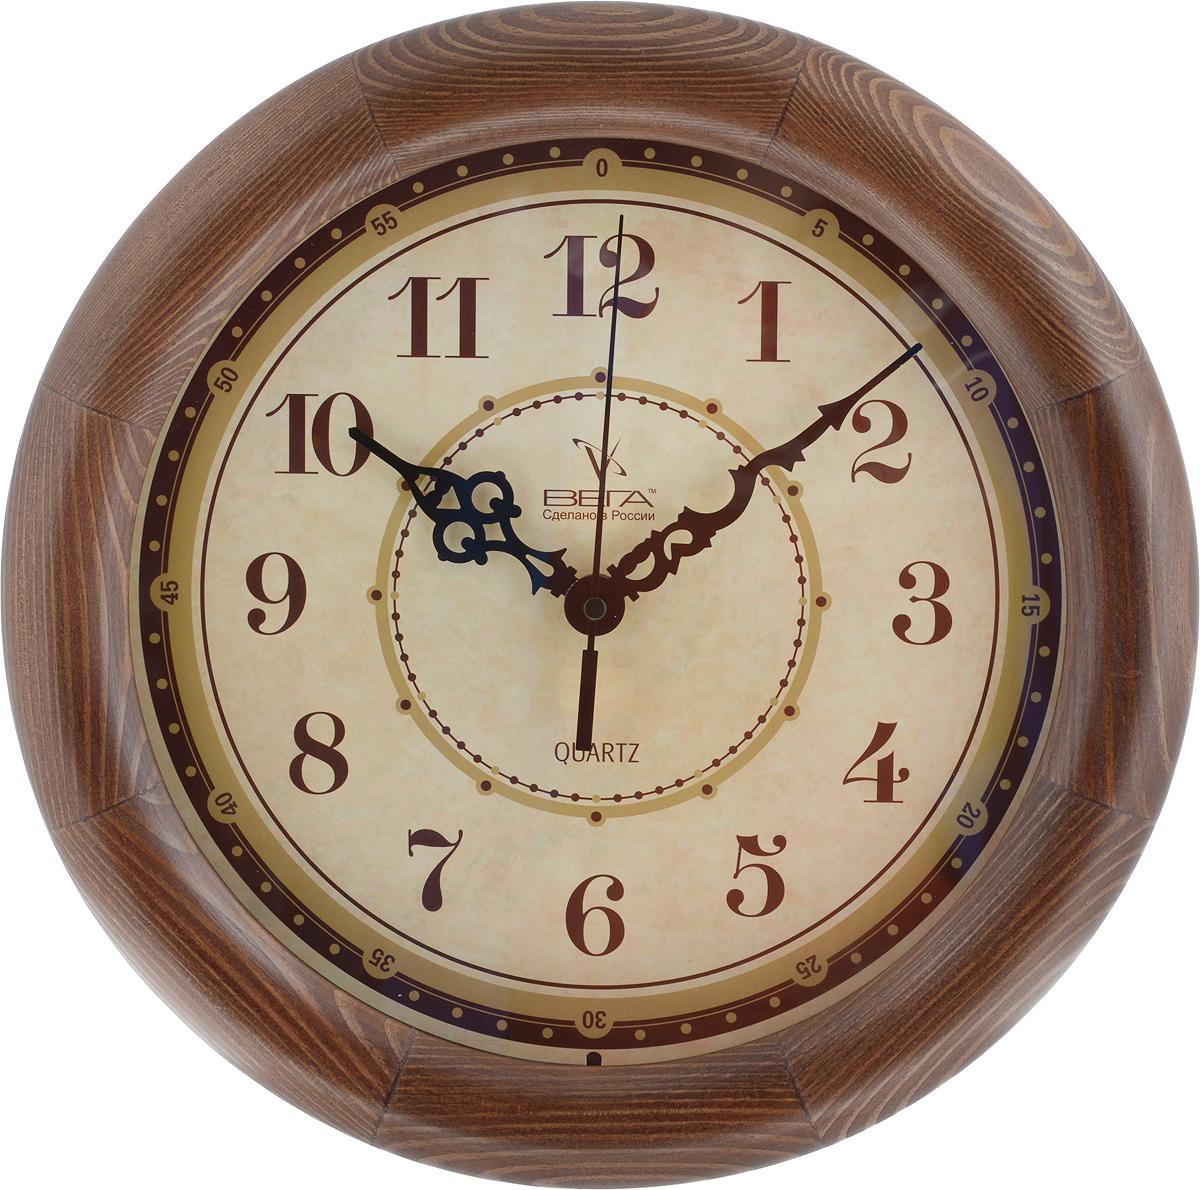 Часы настенные Вега Классика, цвет: темно-коричневый, диаметр 30 смД1МД/6-191Настенные кварцевые часы Вега Классика, изготовленные из дерева, прекрасно впишутся в интерьер вашего дома. Часы имеют три стрелки: часовую, минутную и секундную, циферблат защищен прозрачным стеклом. Часы работают от 1 батарейки типа АА напряжением 1,5 В (не входит в комплект). Диаметр часов: 30 см.